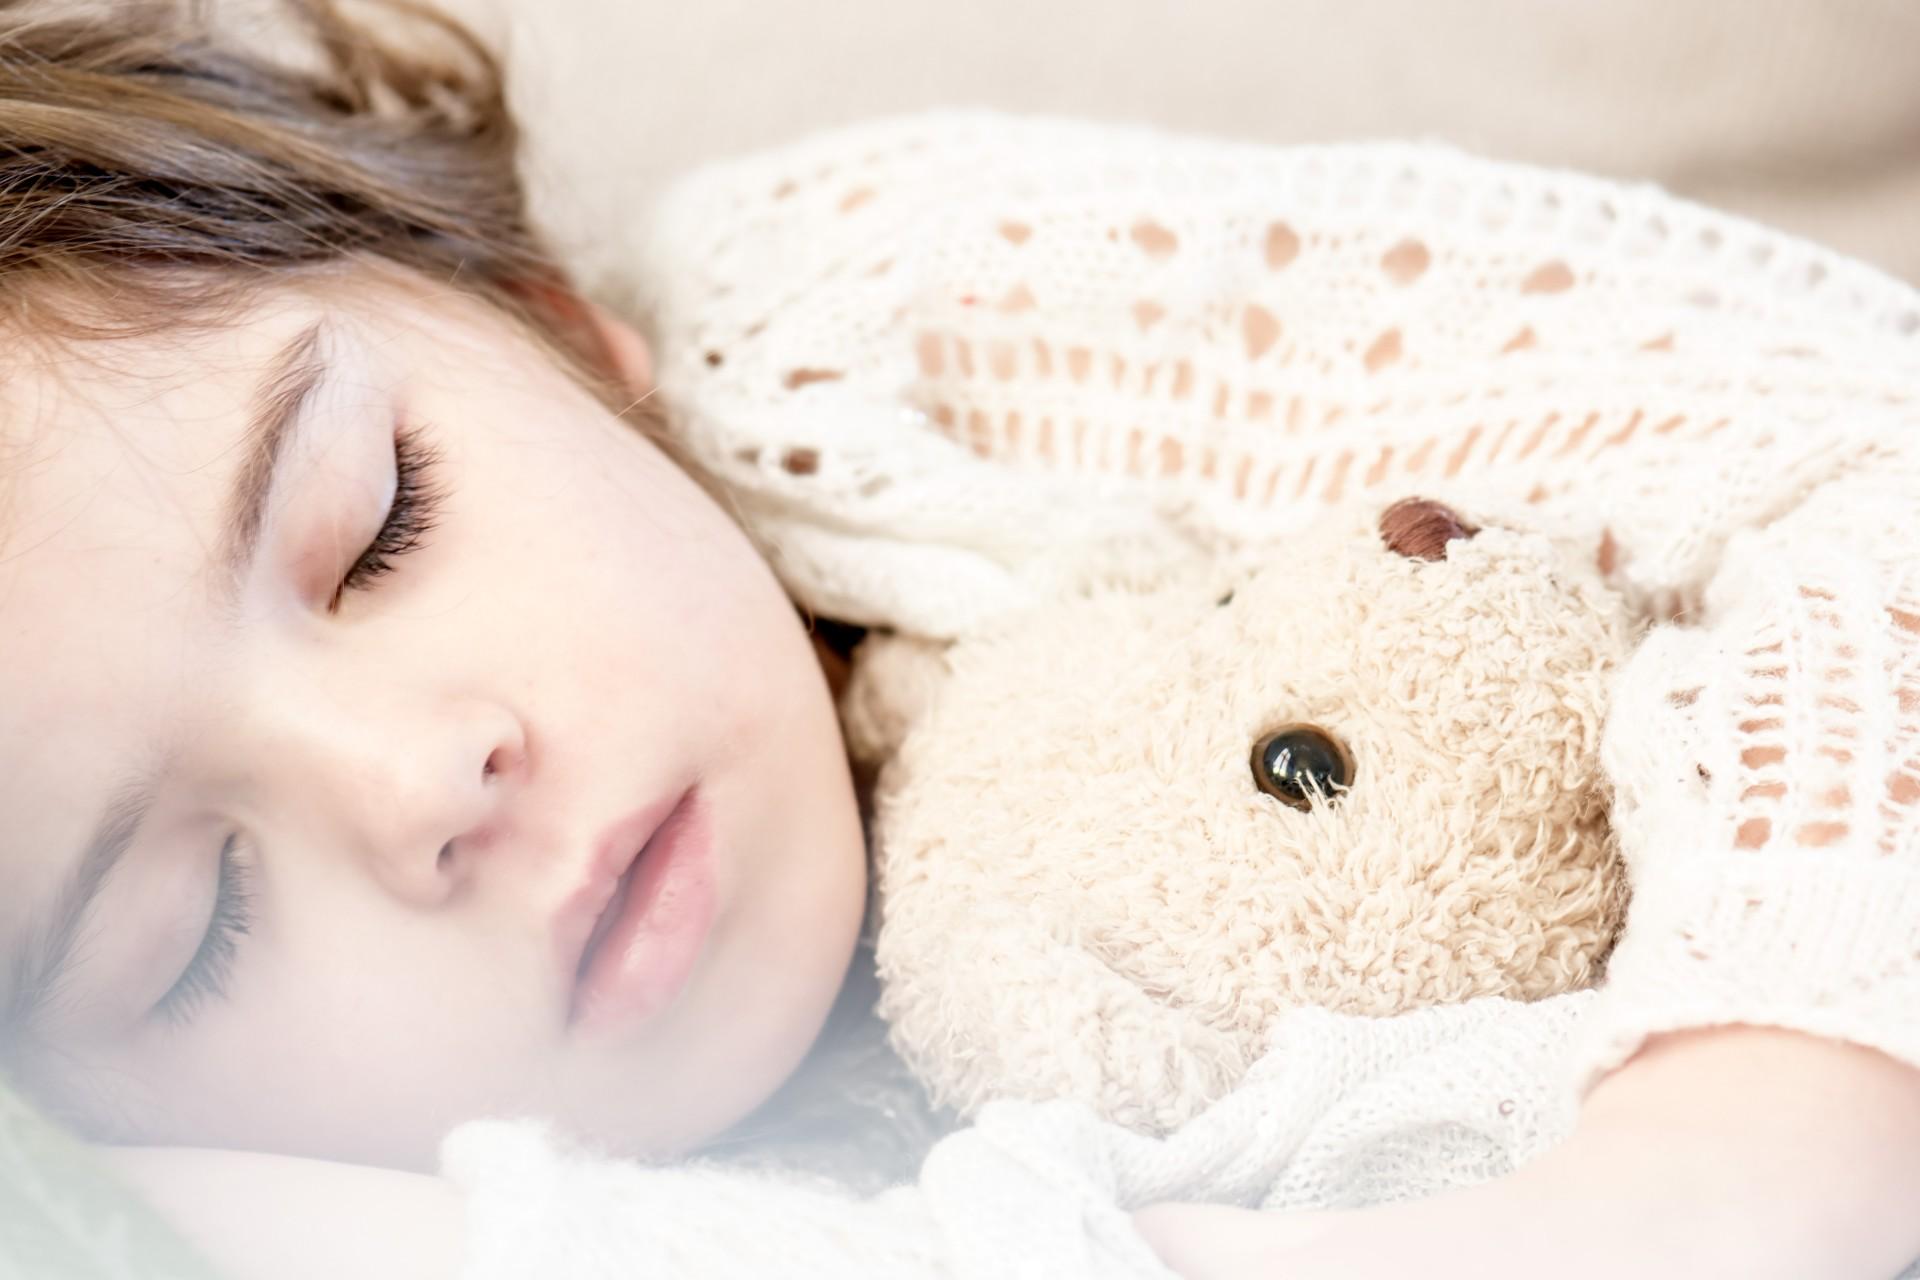 Causas de insomnio en nuestros pequeños